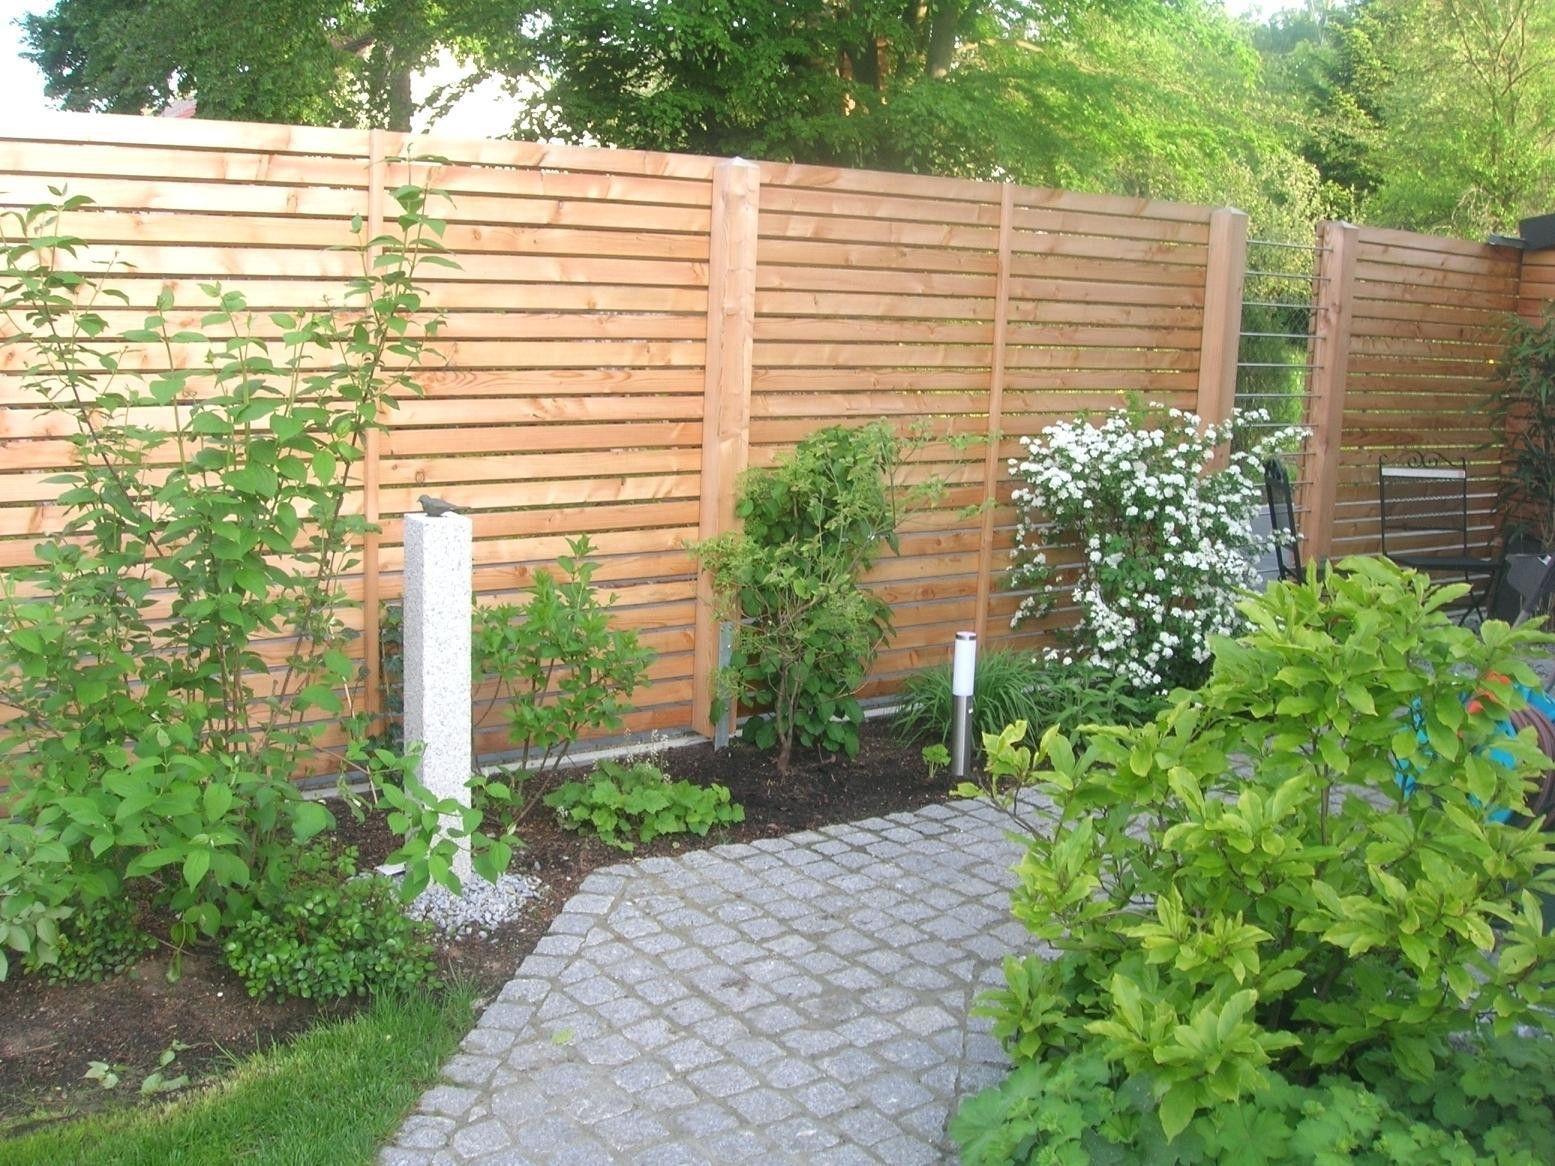 Pin Von Sina Mayer Auf Garten In 2020 Sichtschutz Garten